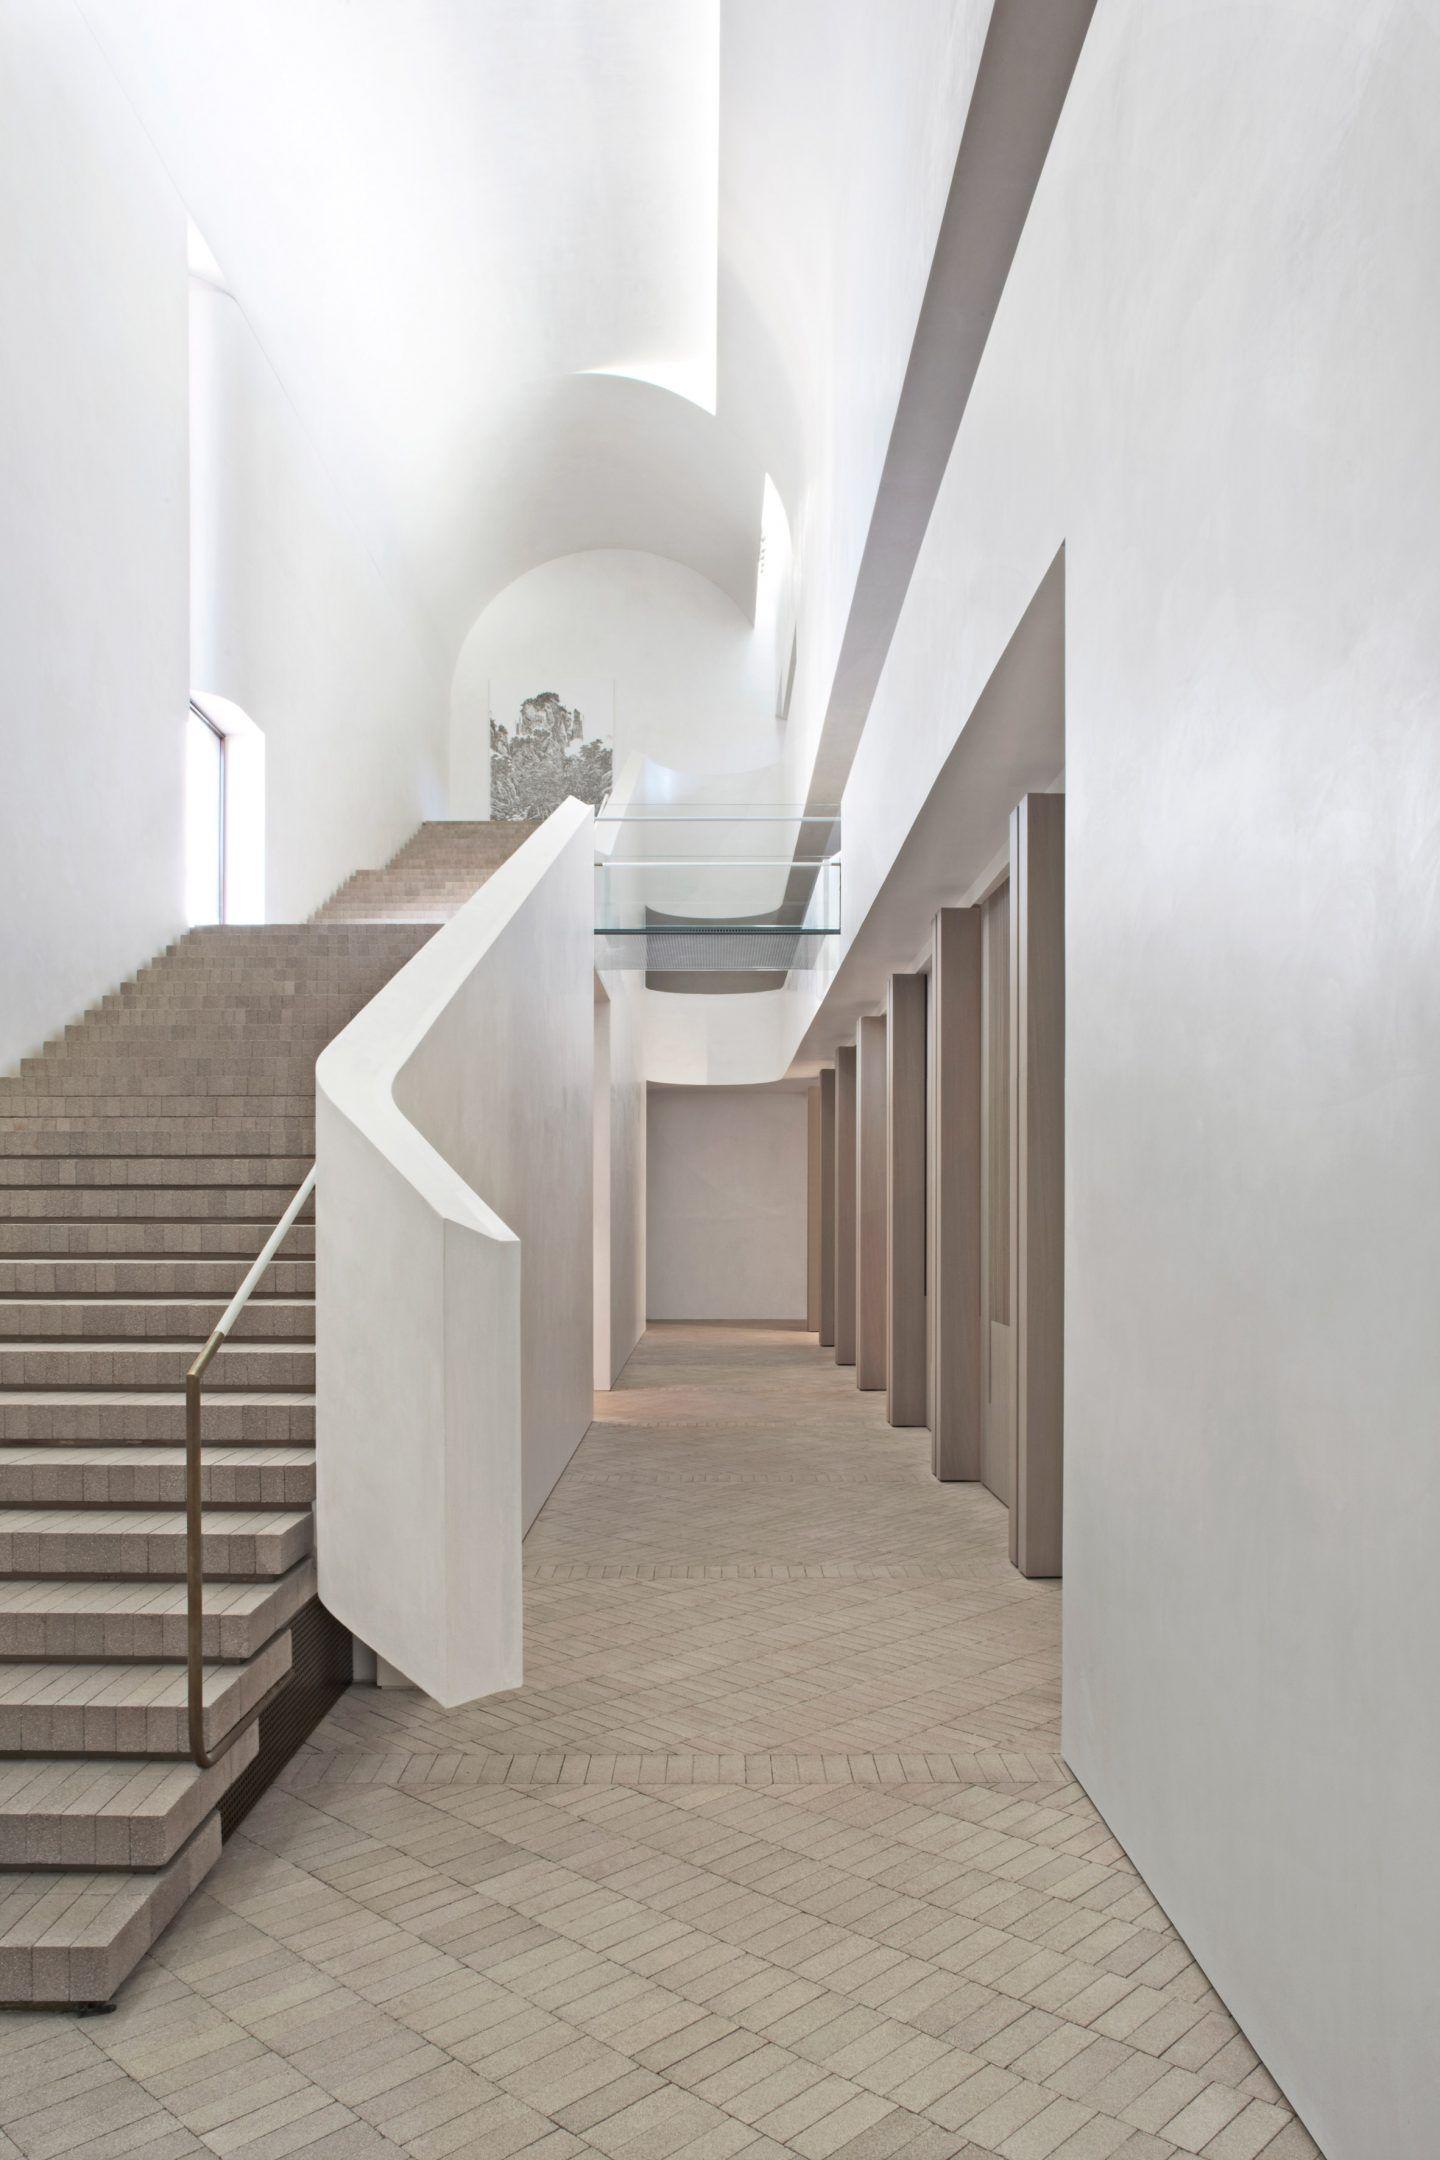 IGNANT-Architecture-Smart-Design-Studio-Indigo-Slam-013